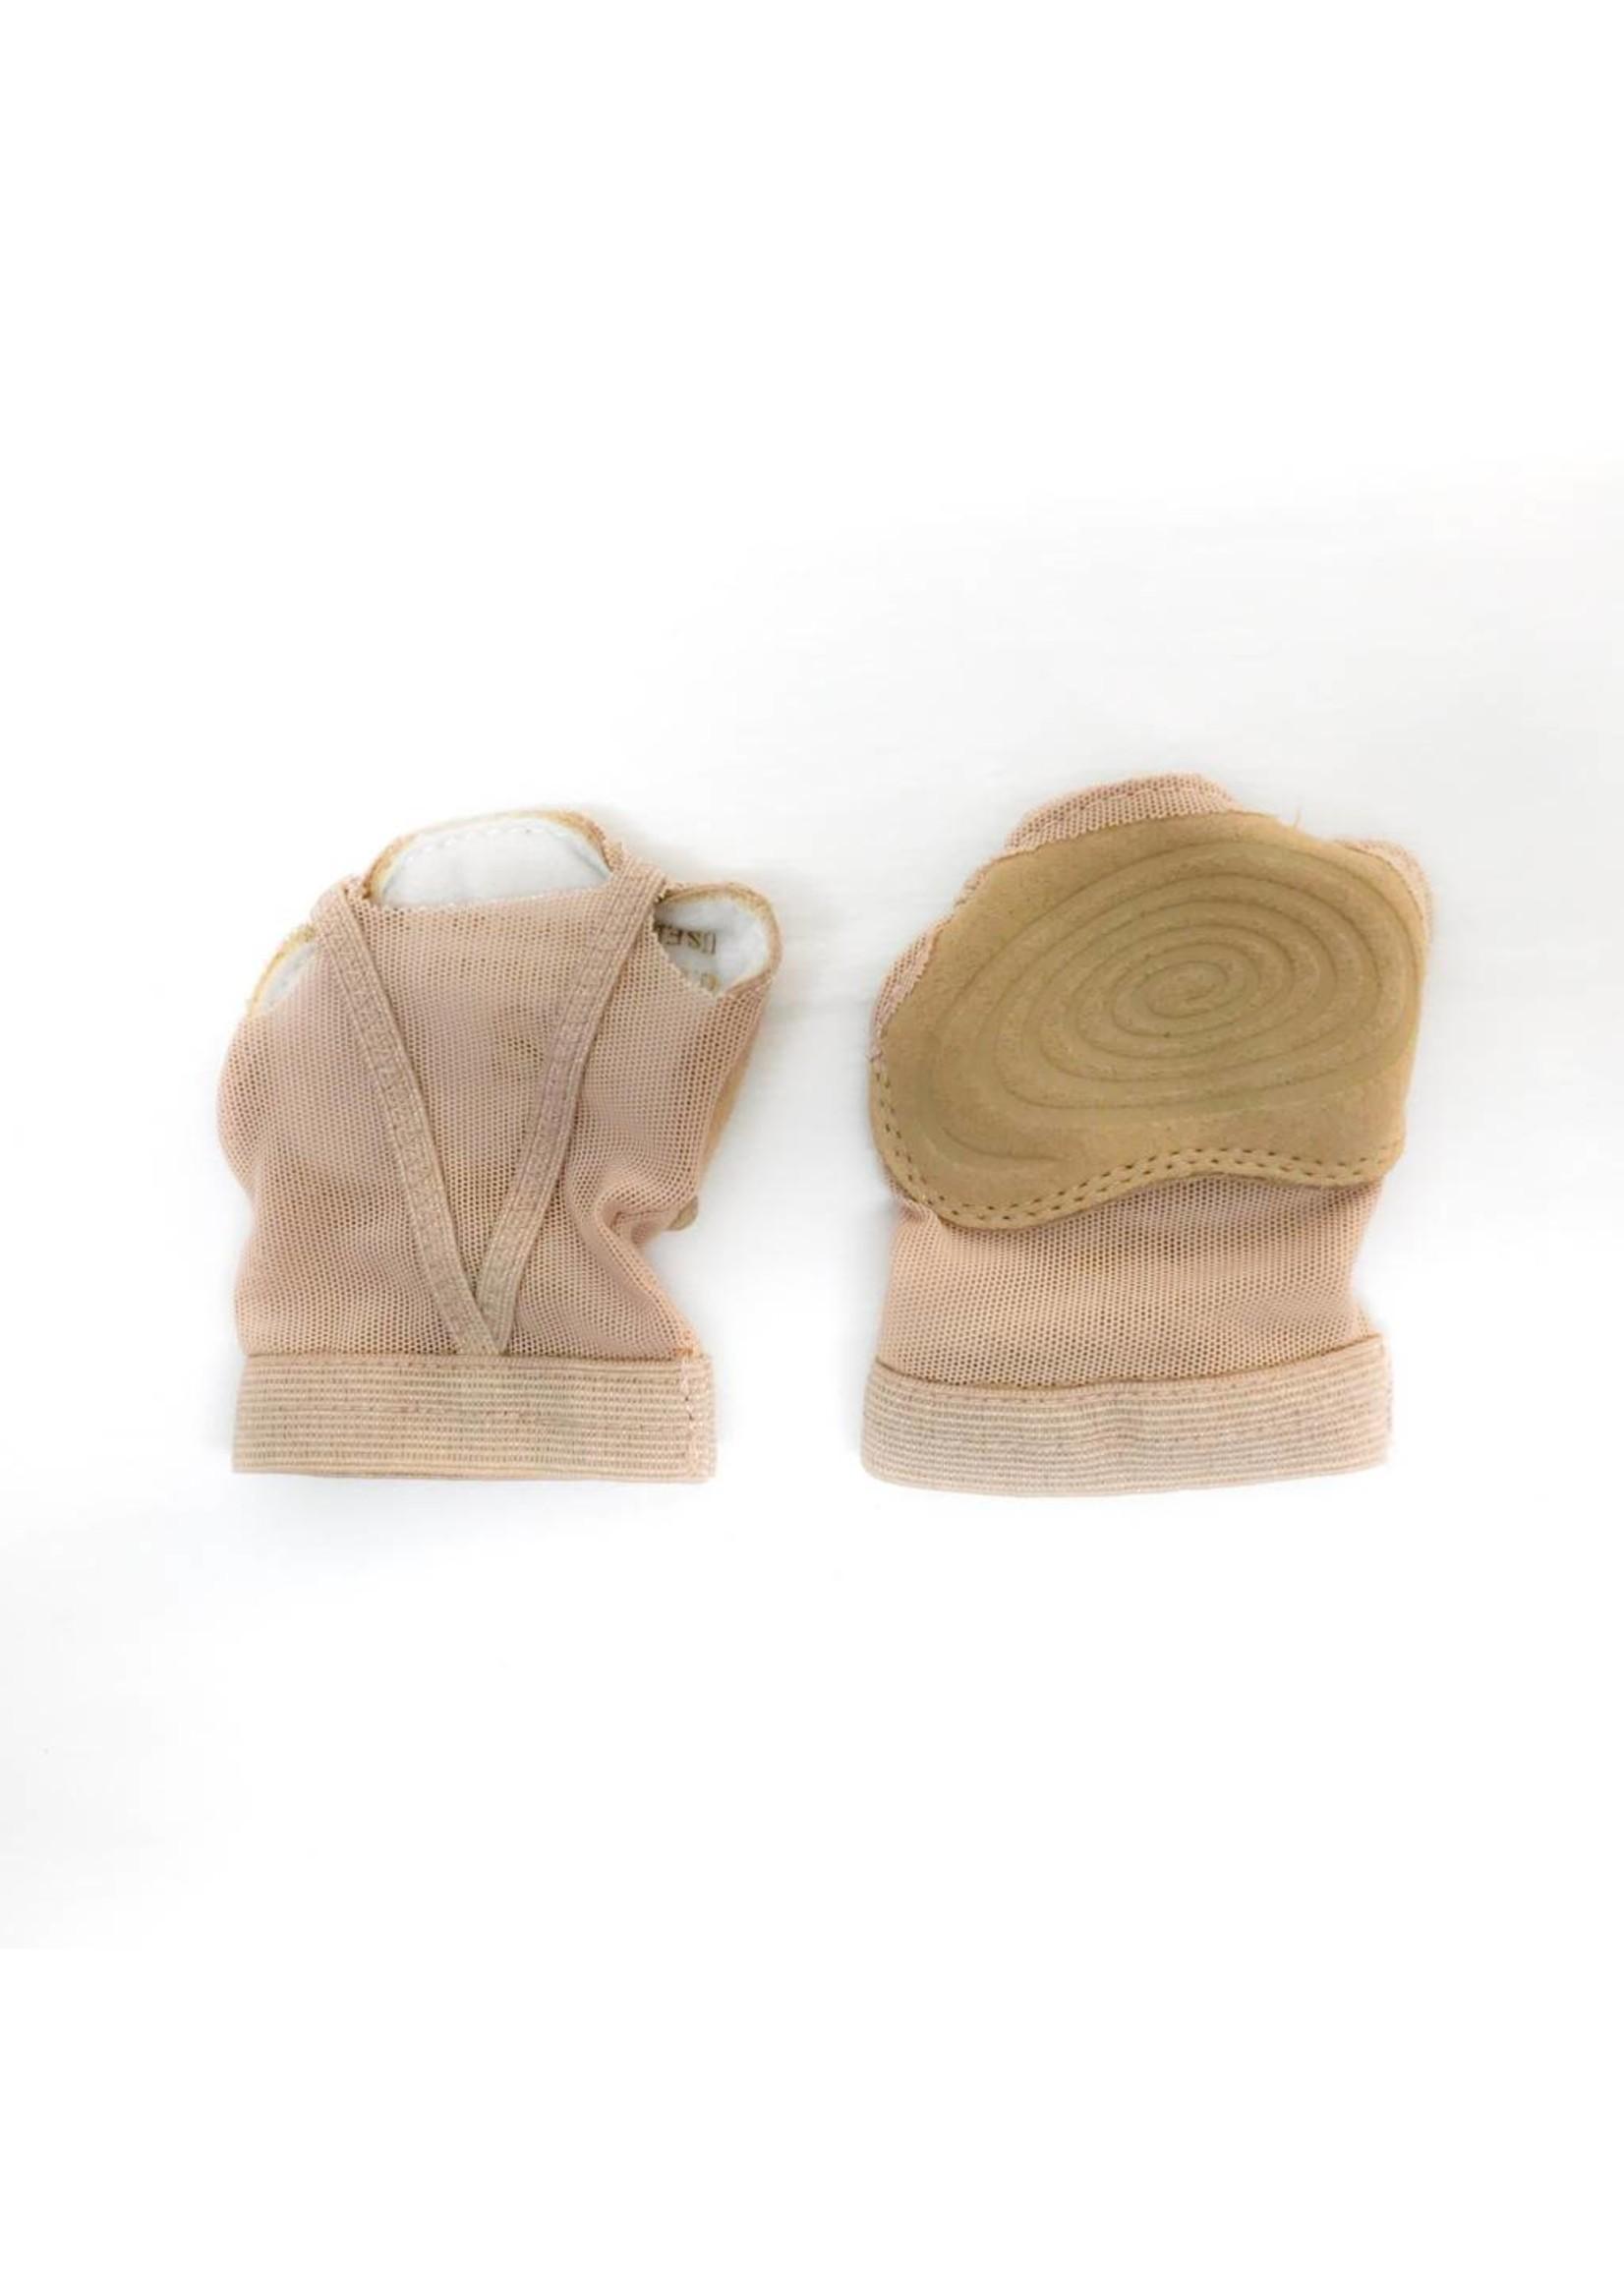 Protège-plante de pied - Foot Mtten - FM250